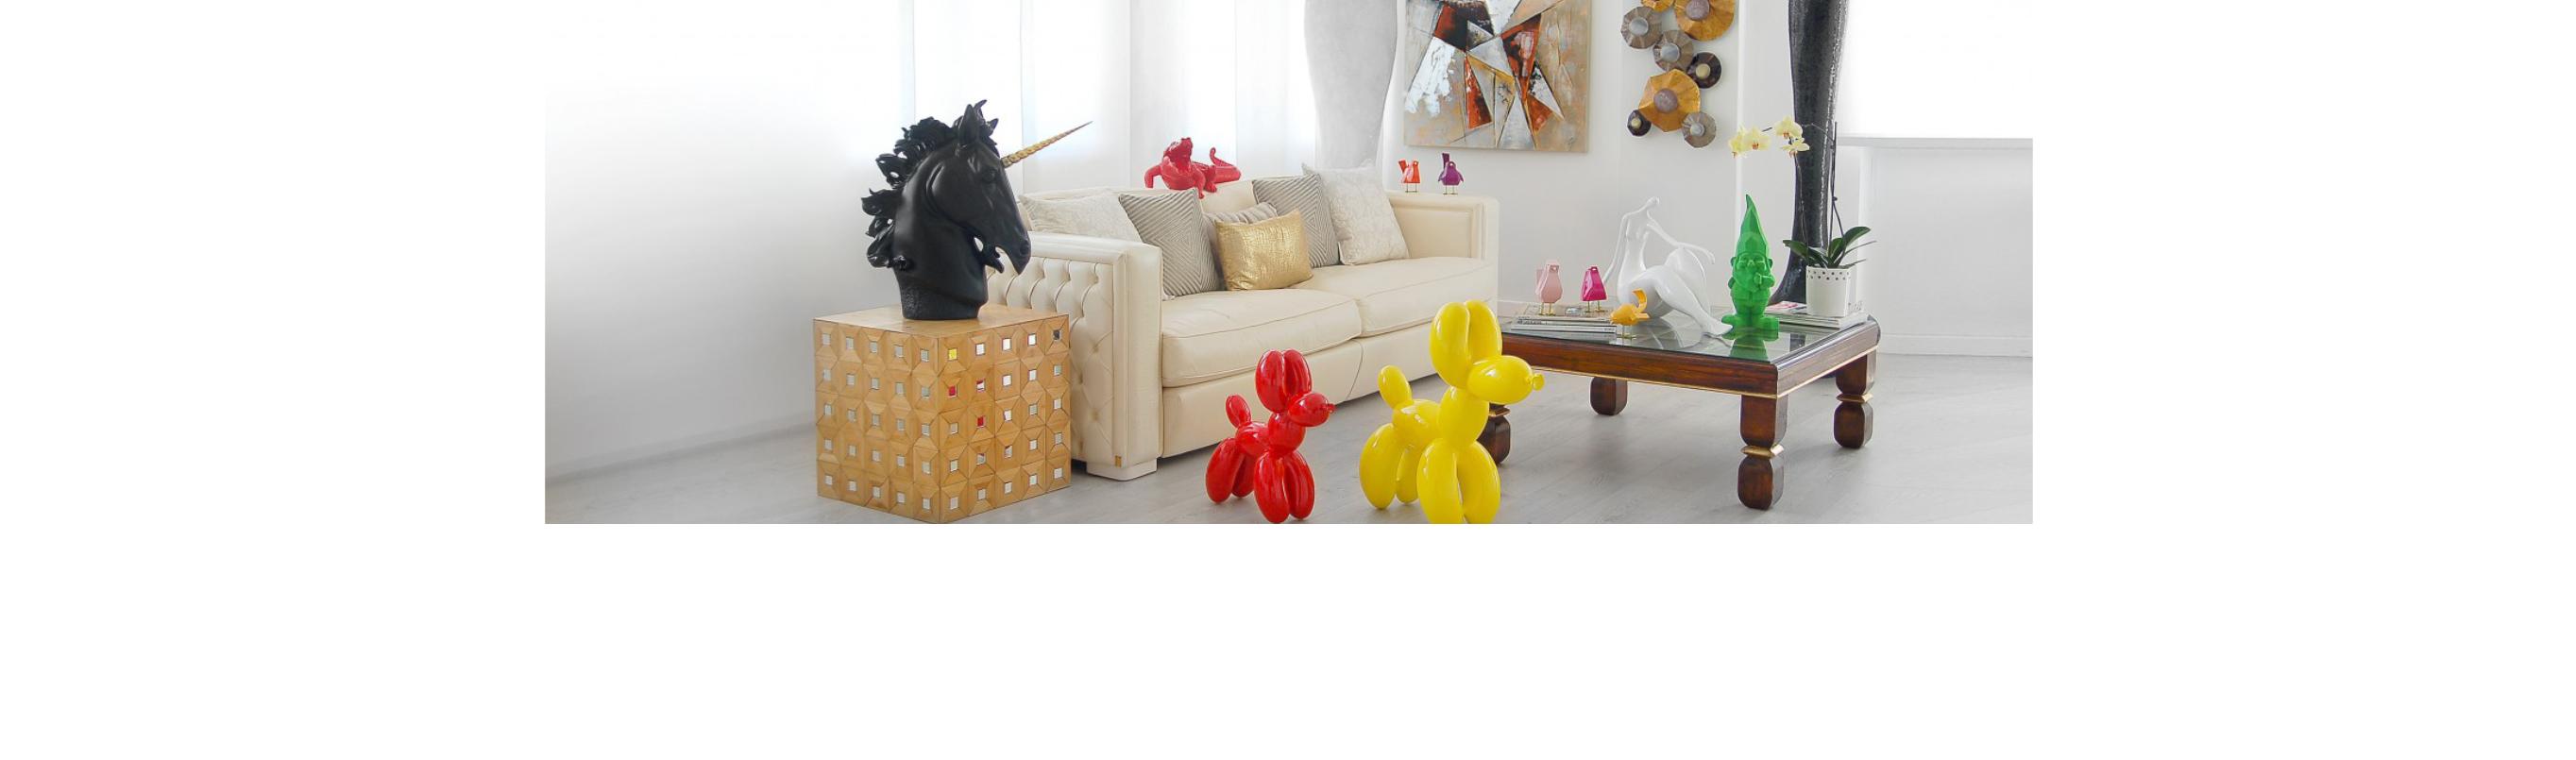 World Art TW60025 Scultura in Resina Orsetto Palloncino Piccolo Resina 25x20x15 Cm